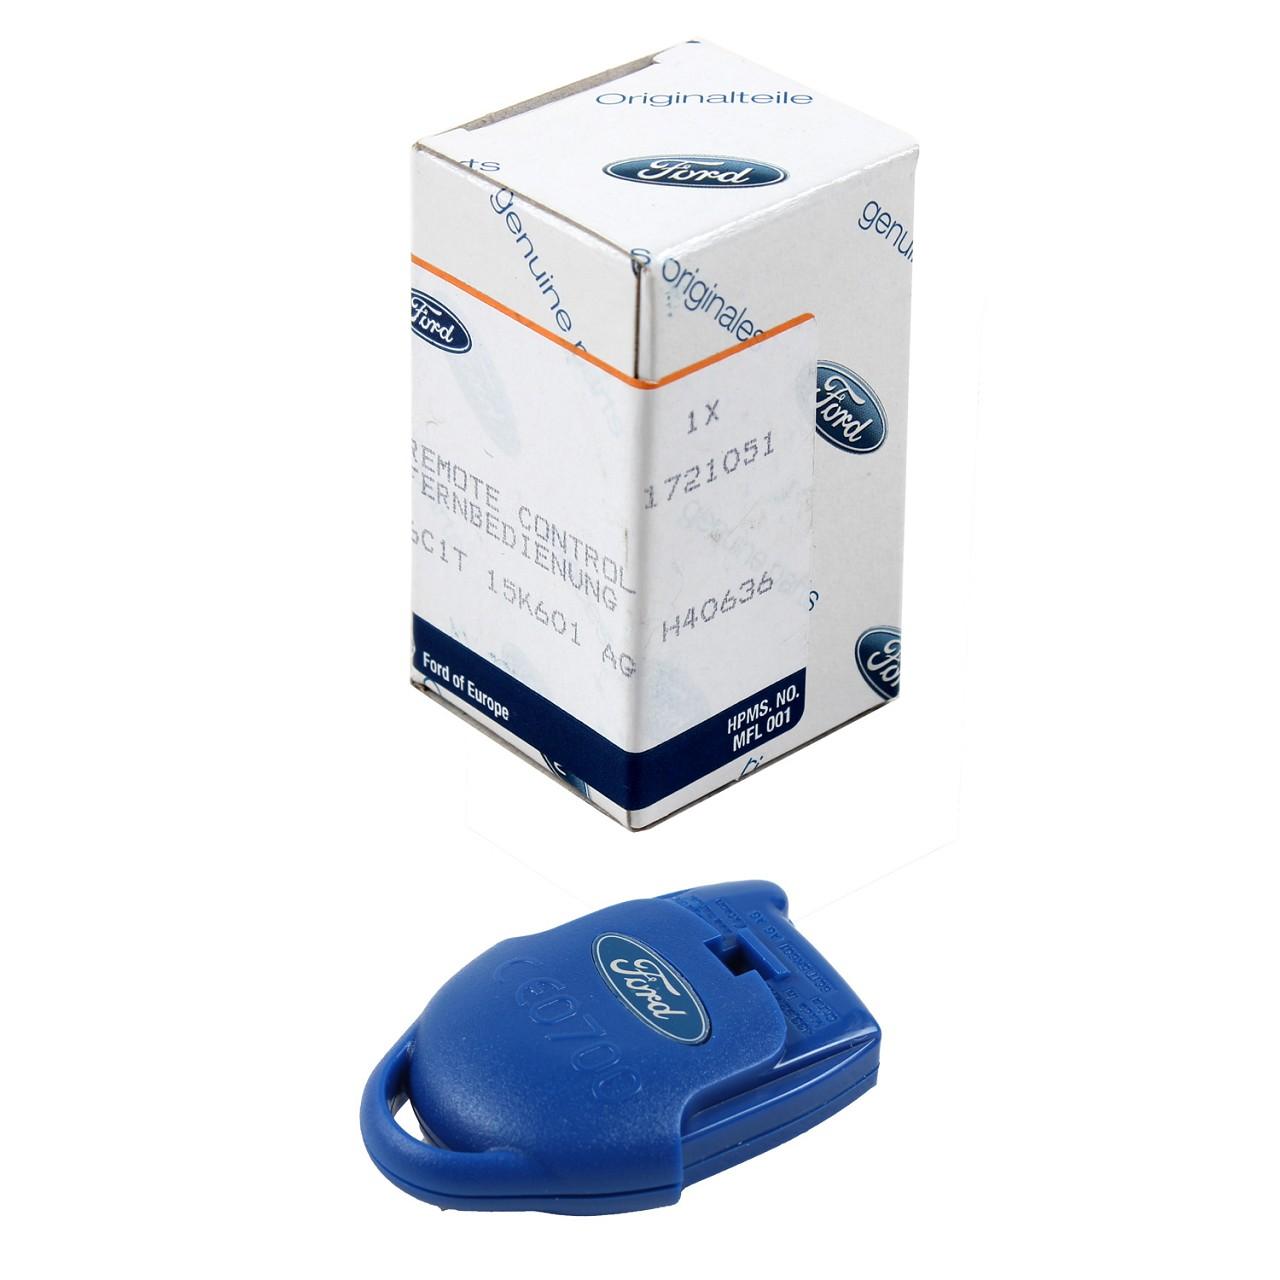 ORIGINAL Ford Sender Funkfernbedienung Fernbedienung 3-Tasten B-Max 1721051